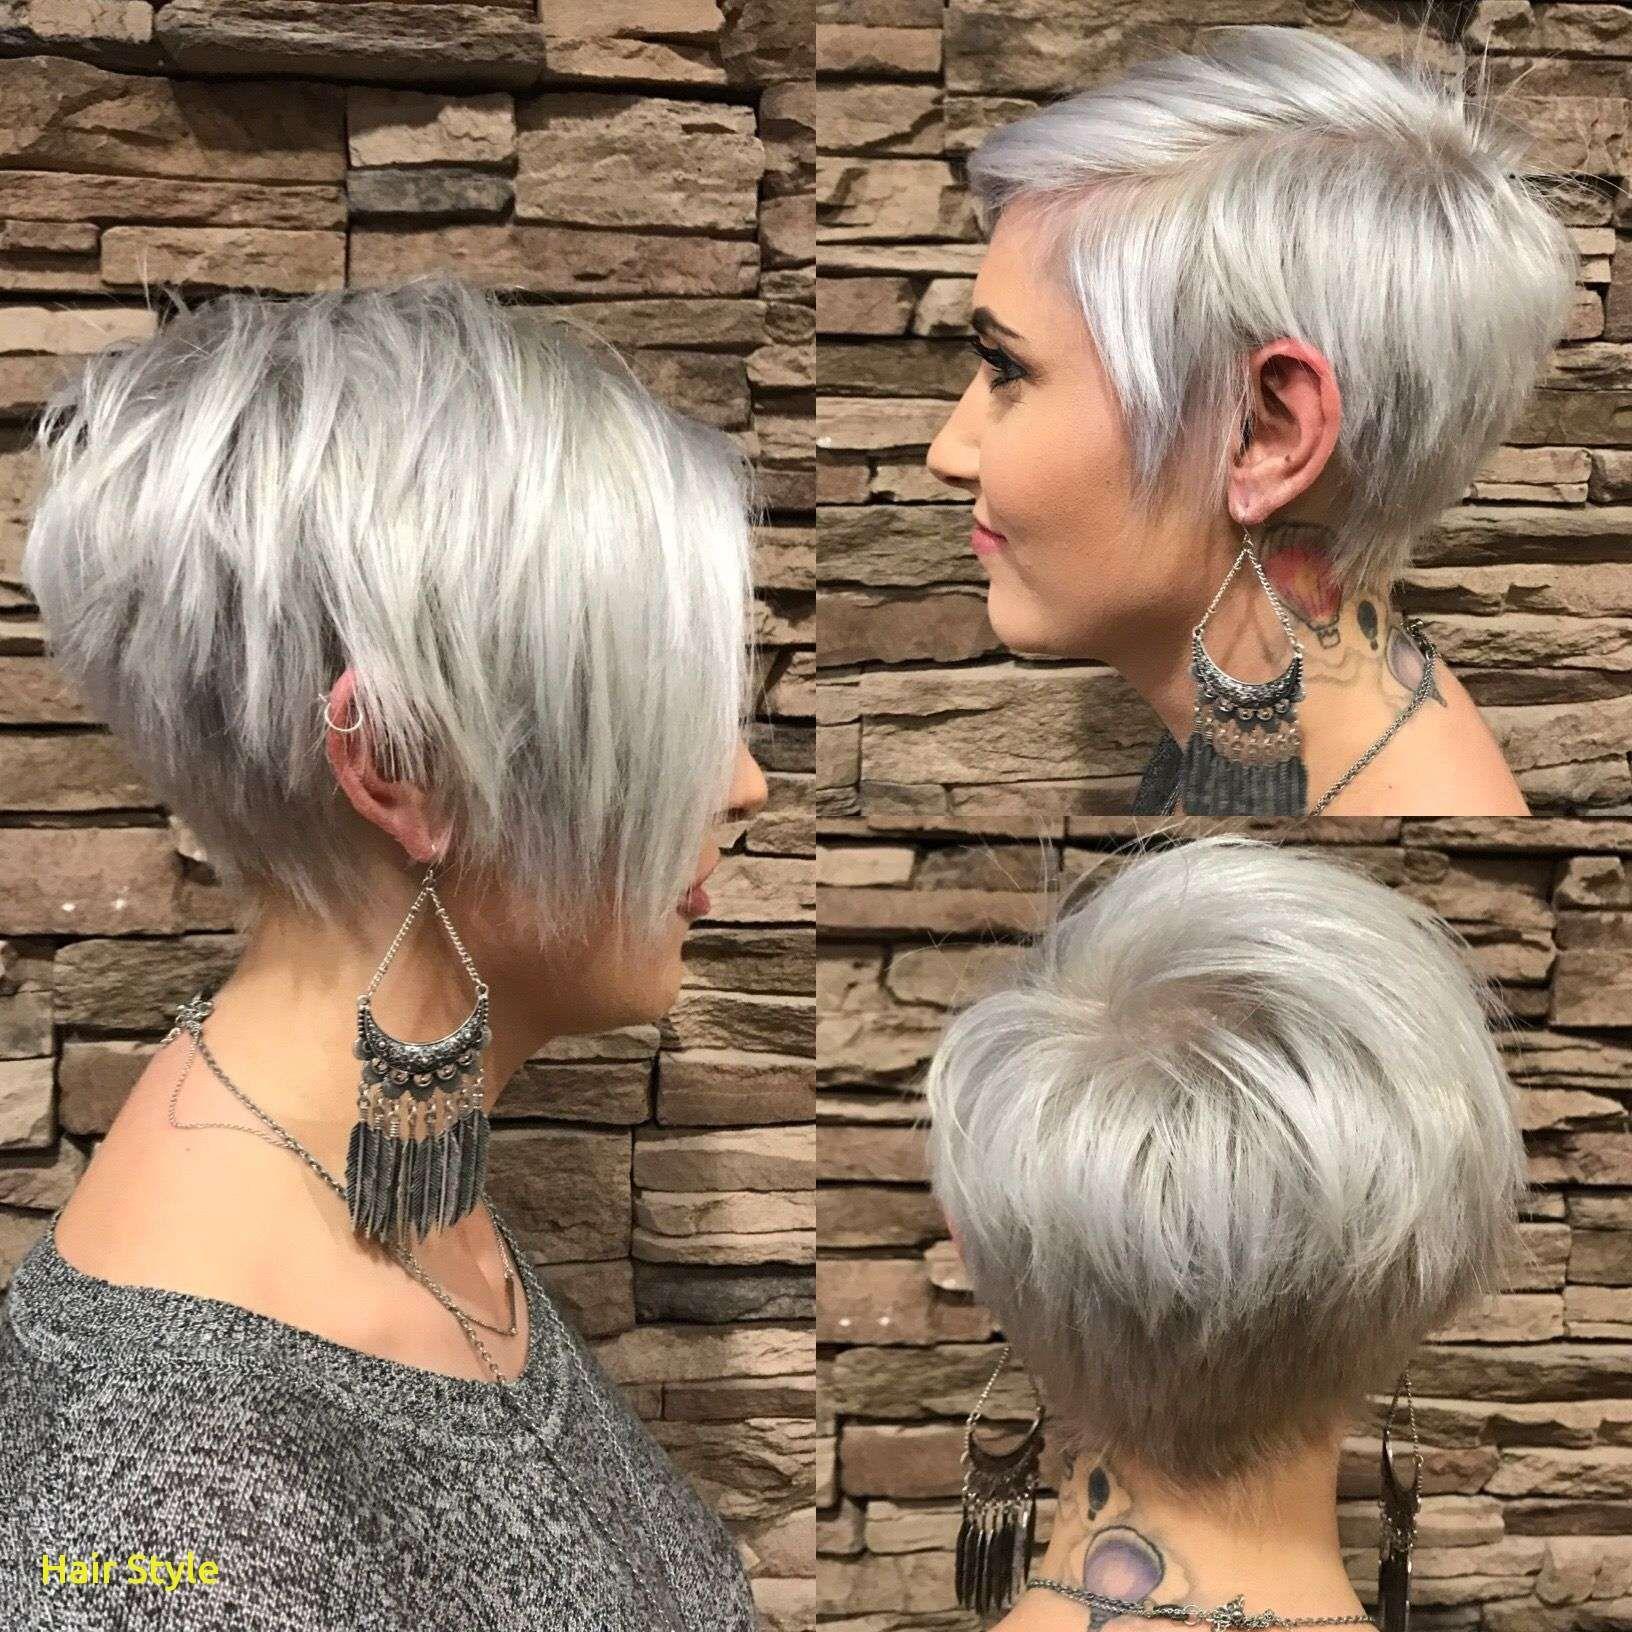 Inspirierende kurze Haare 2019 Sommer | Frisuren, Kurzhaarschnitte,  Haarschnitt